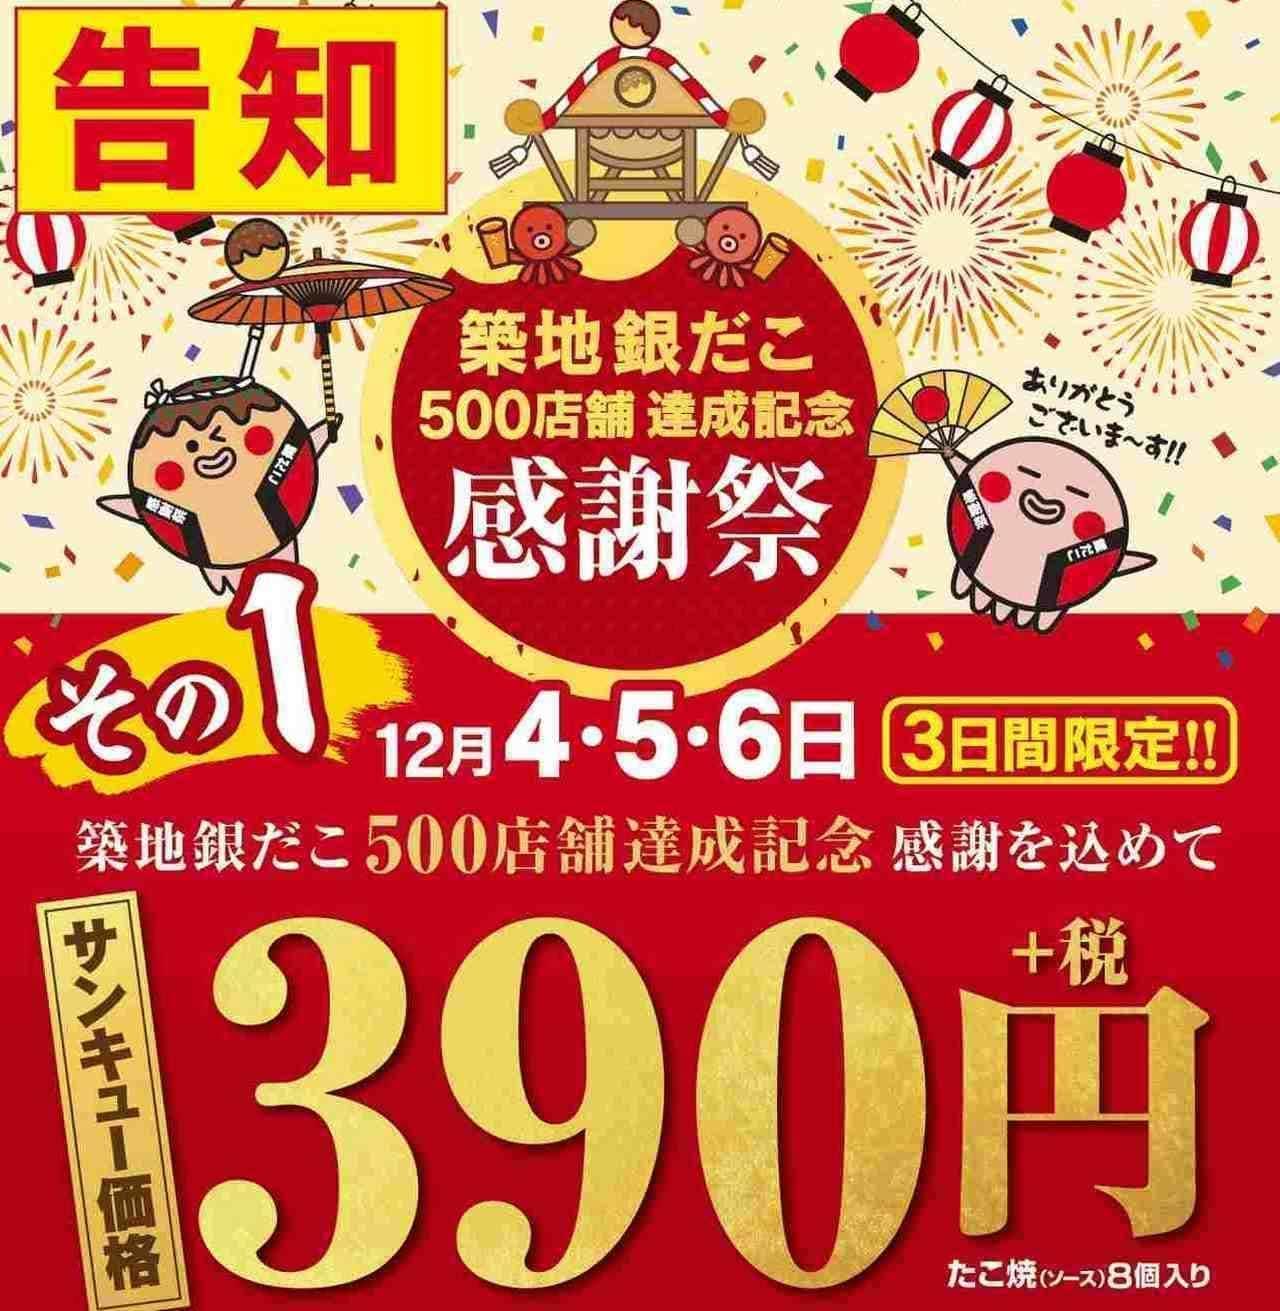 「築地銀だこ500店舗達成記念 感謝祭」3日間限定で